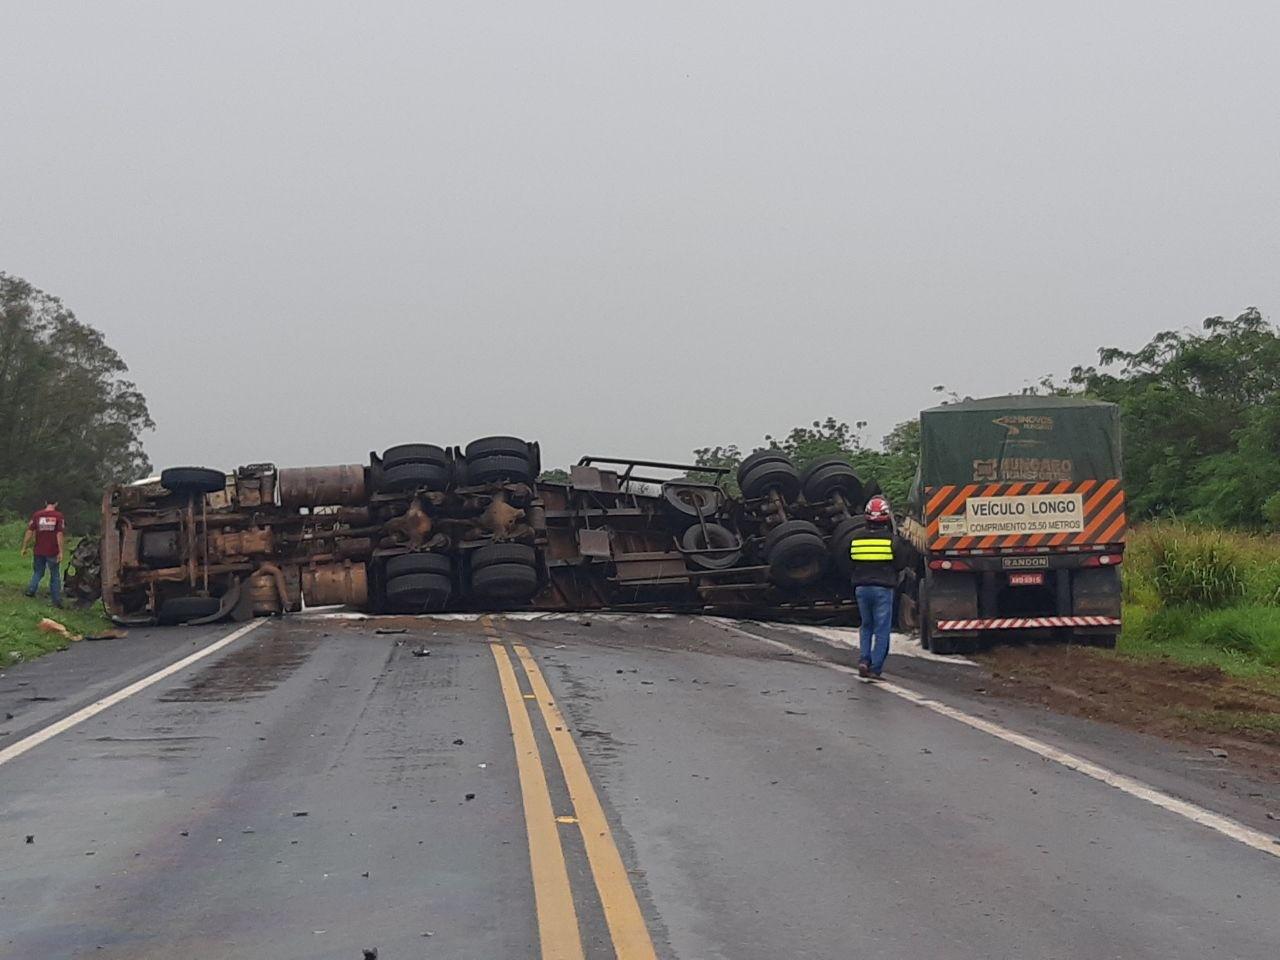 Pistas da rodovia BR-376 ficaram interditadas por causa do acidente (foto: PRF)